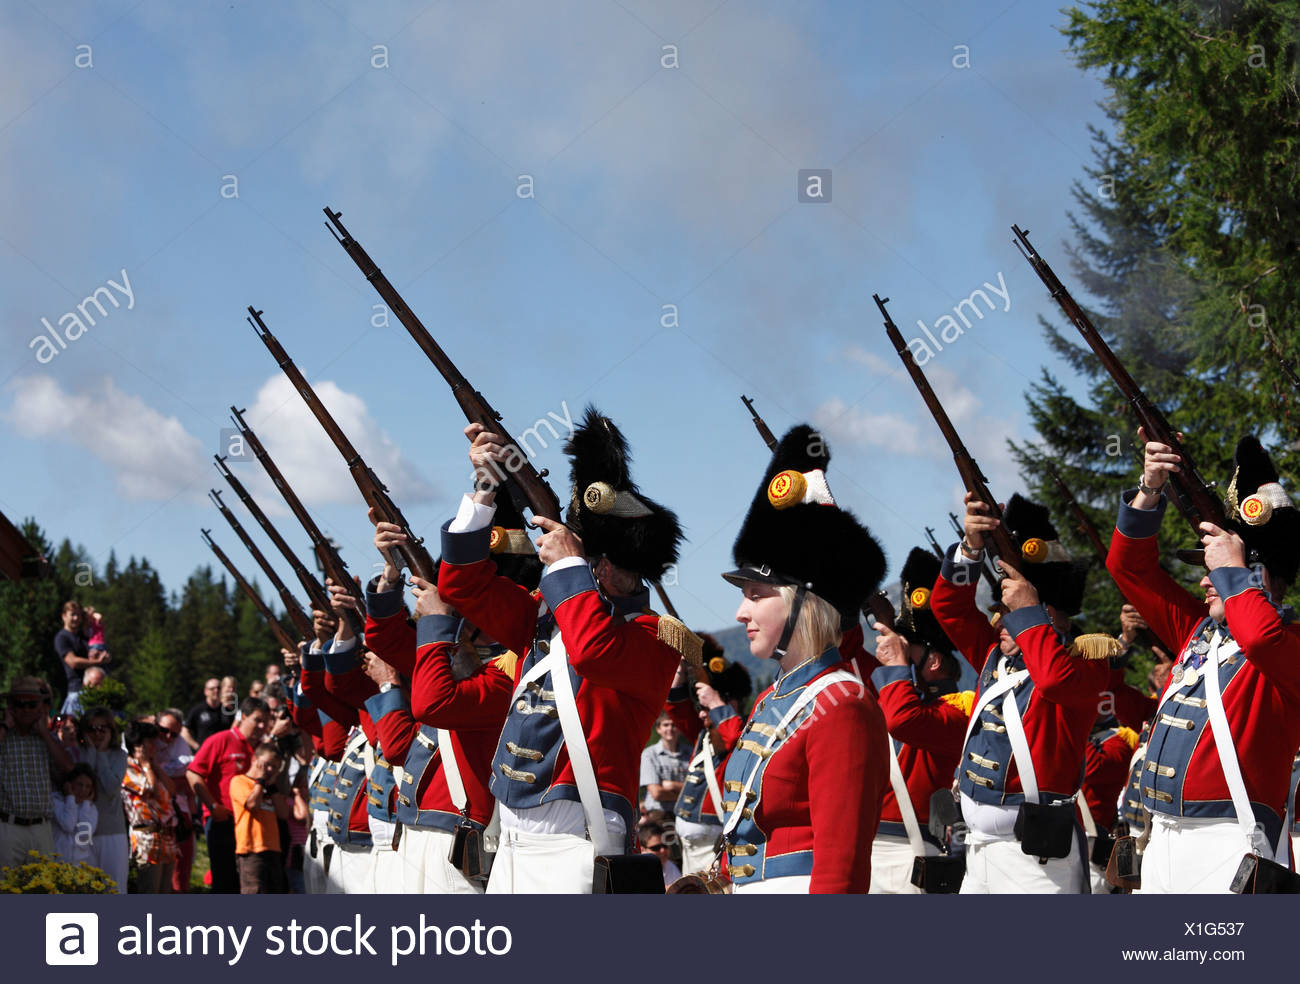 Schützen von St. Michael schießen, bei der Samson-Parade am Mt Katschberg, Lungau, Salzburg, Salzburg, Österreich, Europa Stockbild